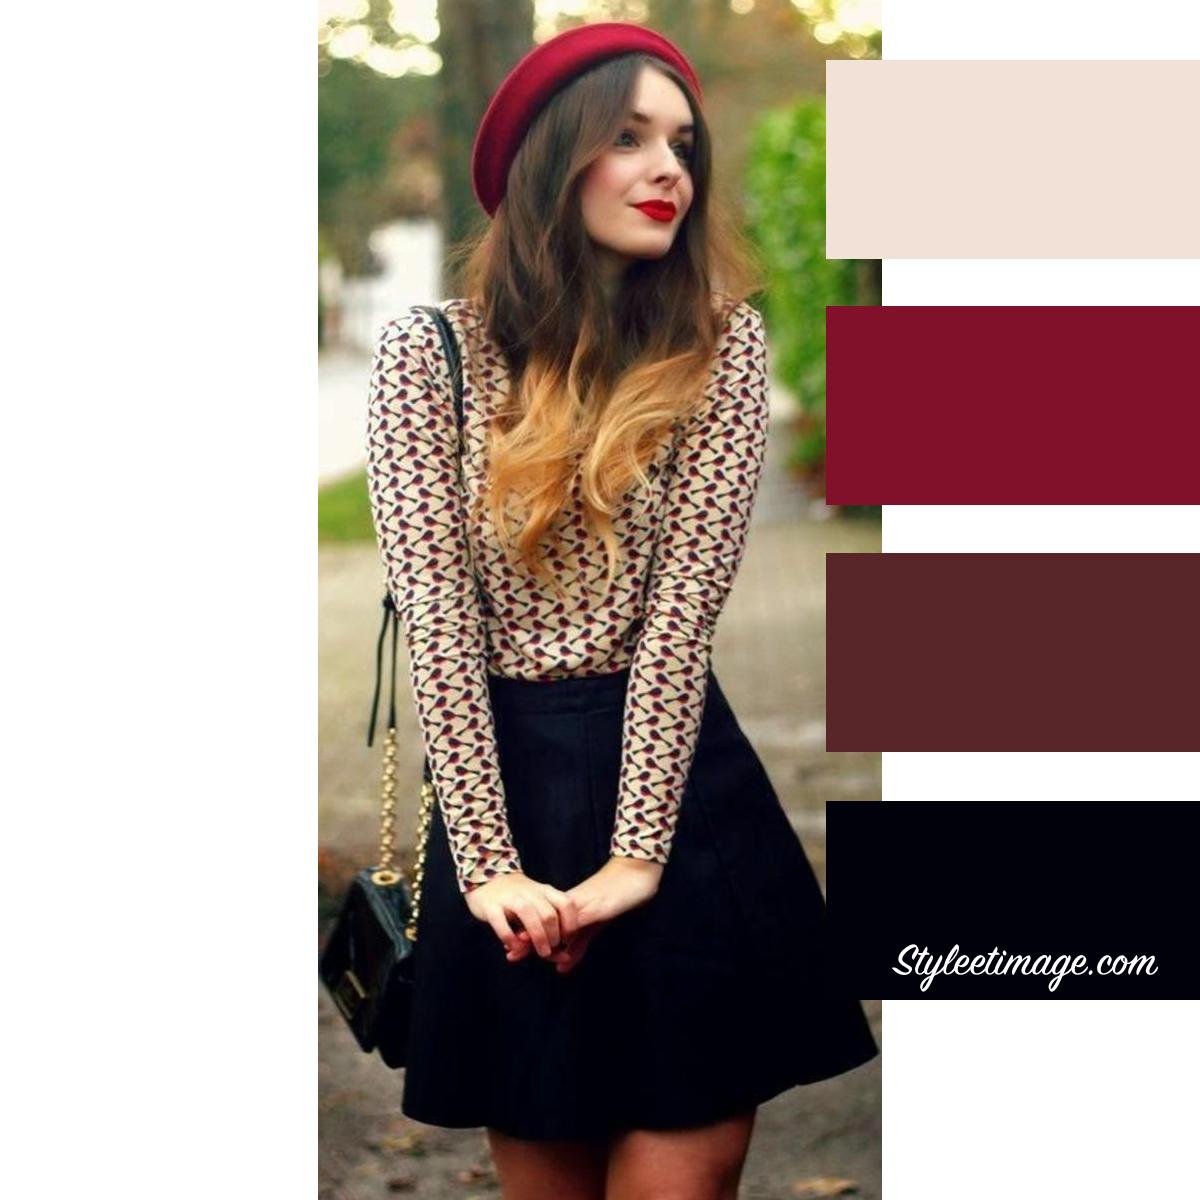 vif et grand en style nouveau sommet style de mode Vêtements: 15 idées pour associer les couleurs de vos ...